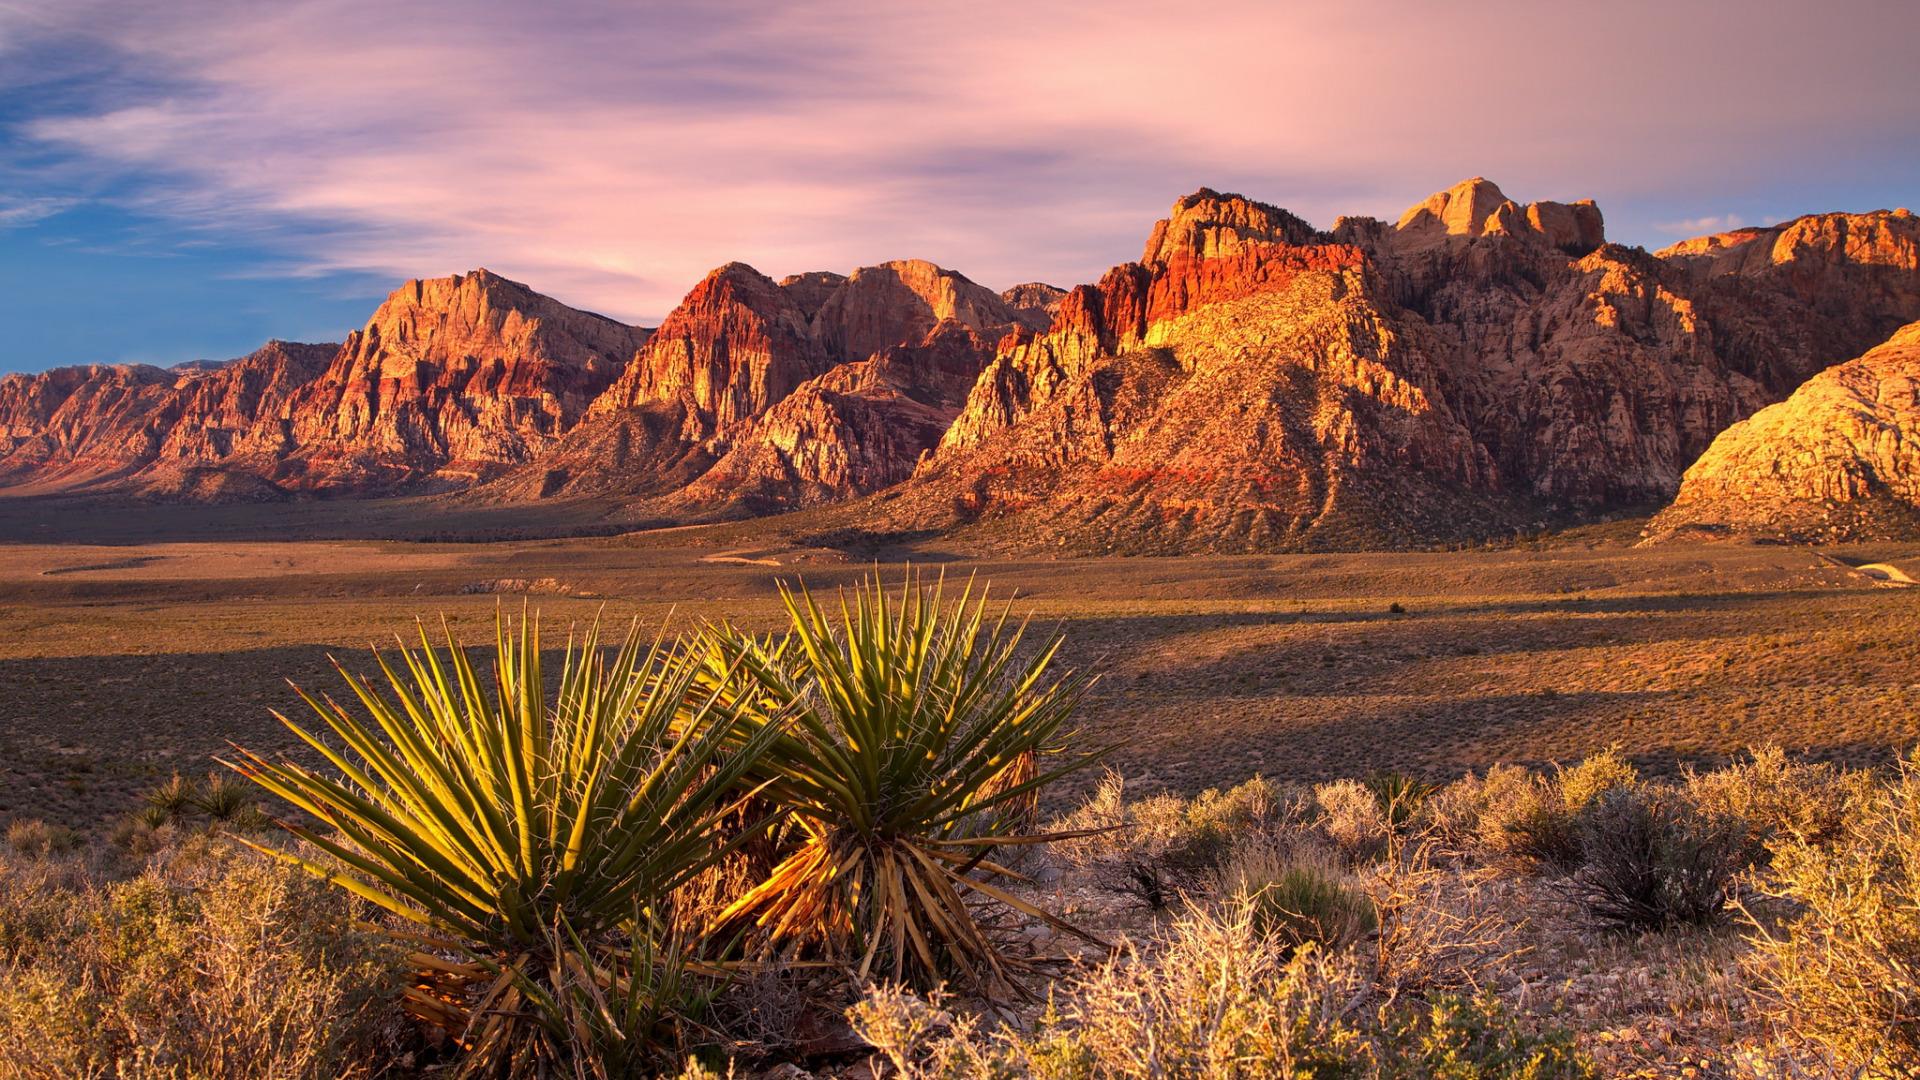 горы песок растительность небо  № 3771011 без смс